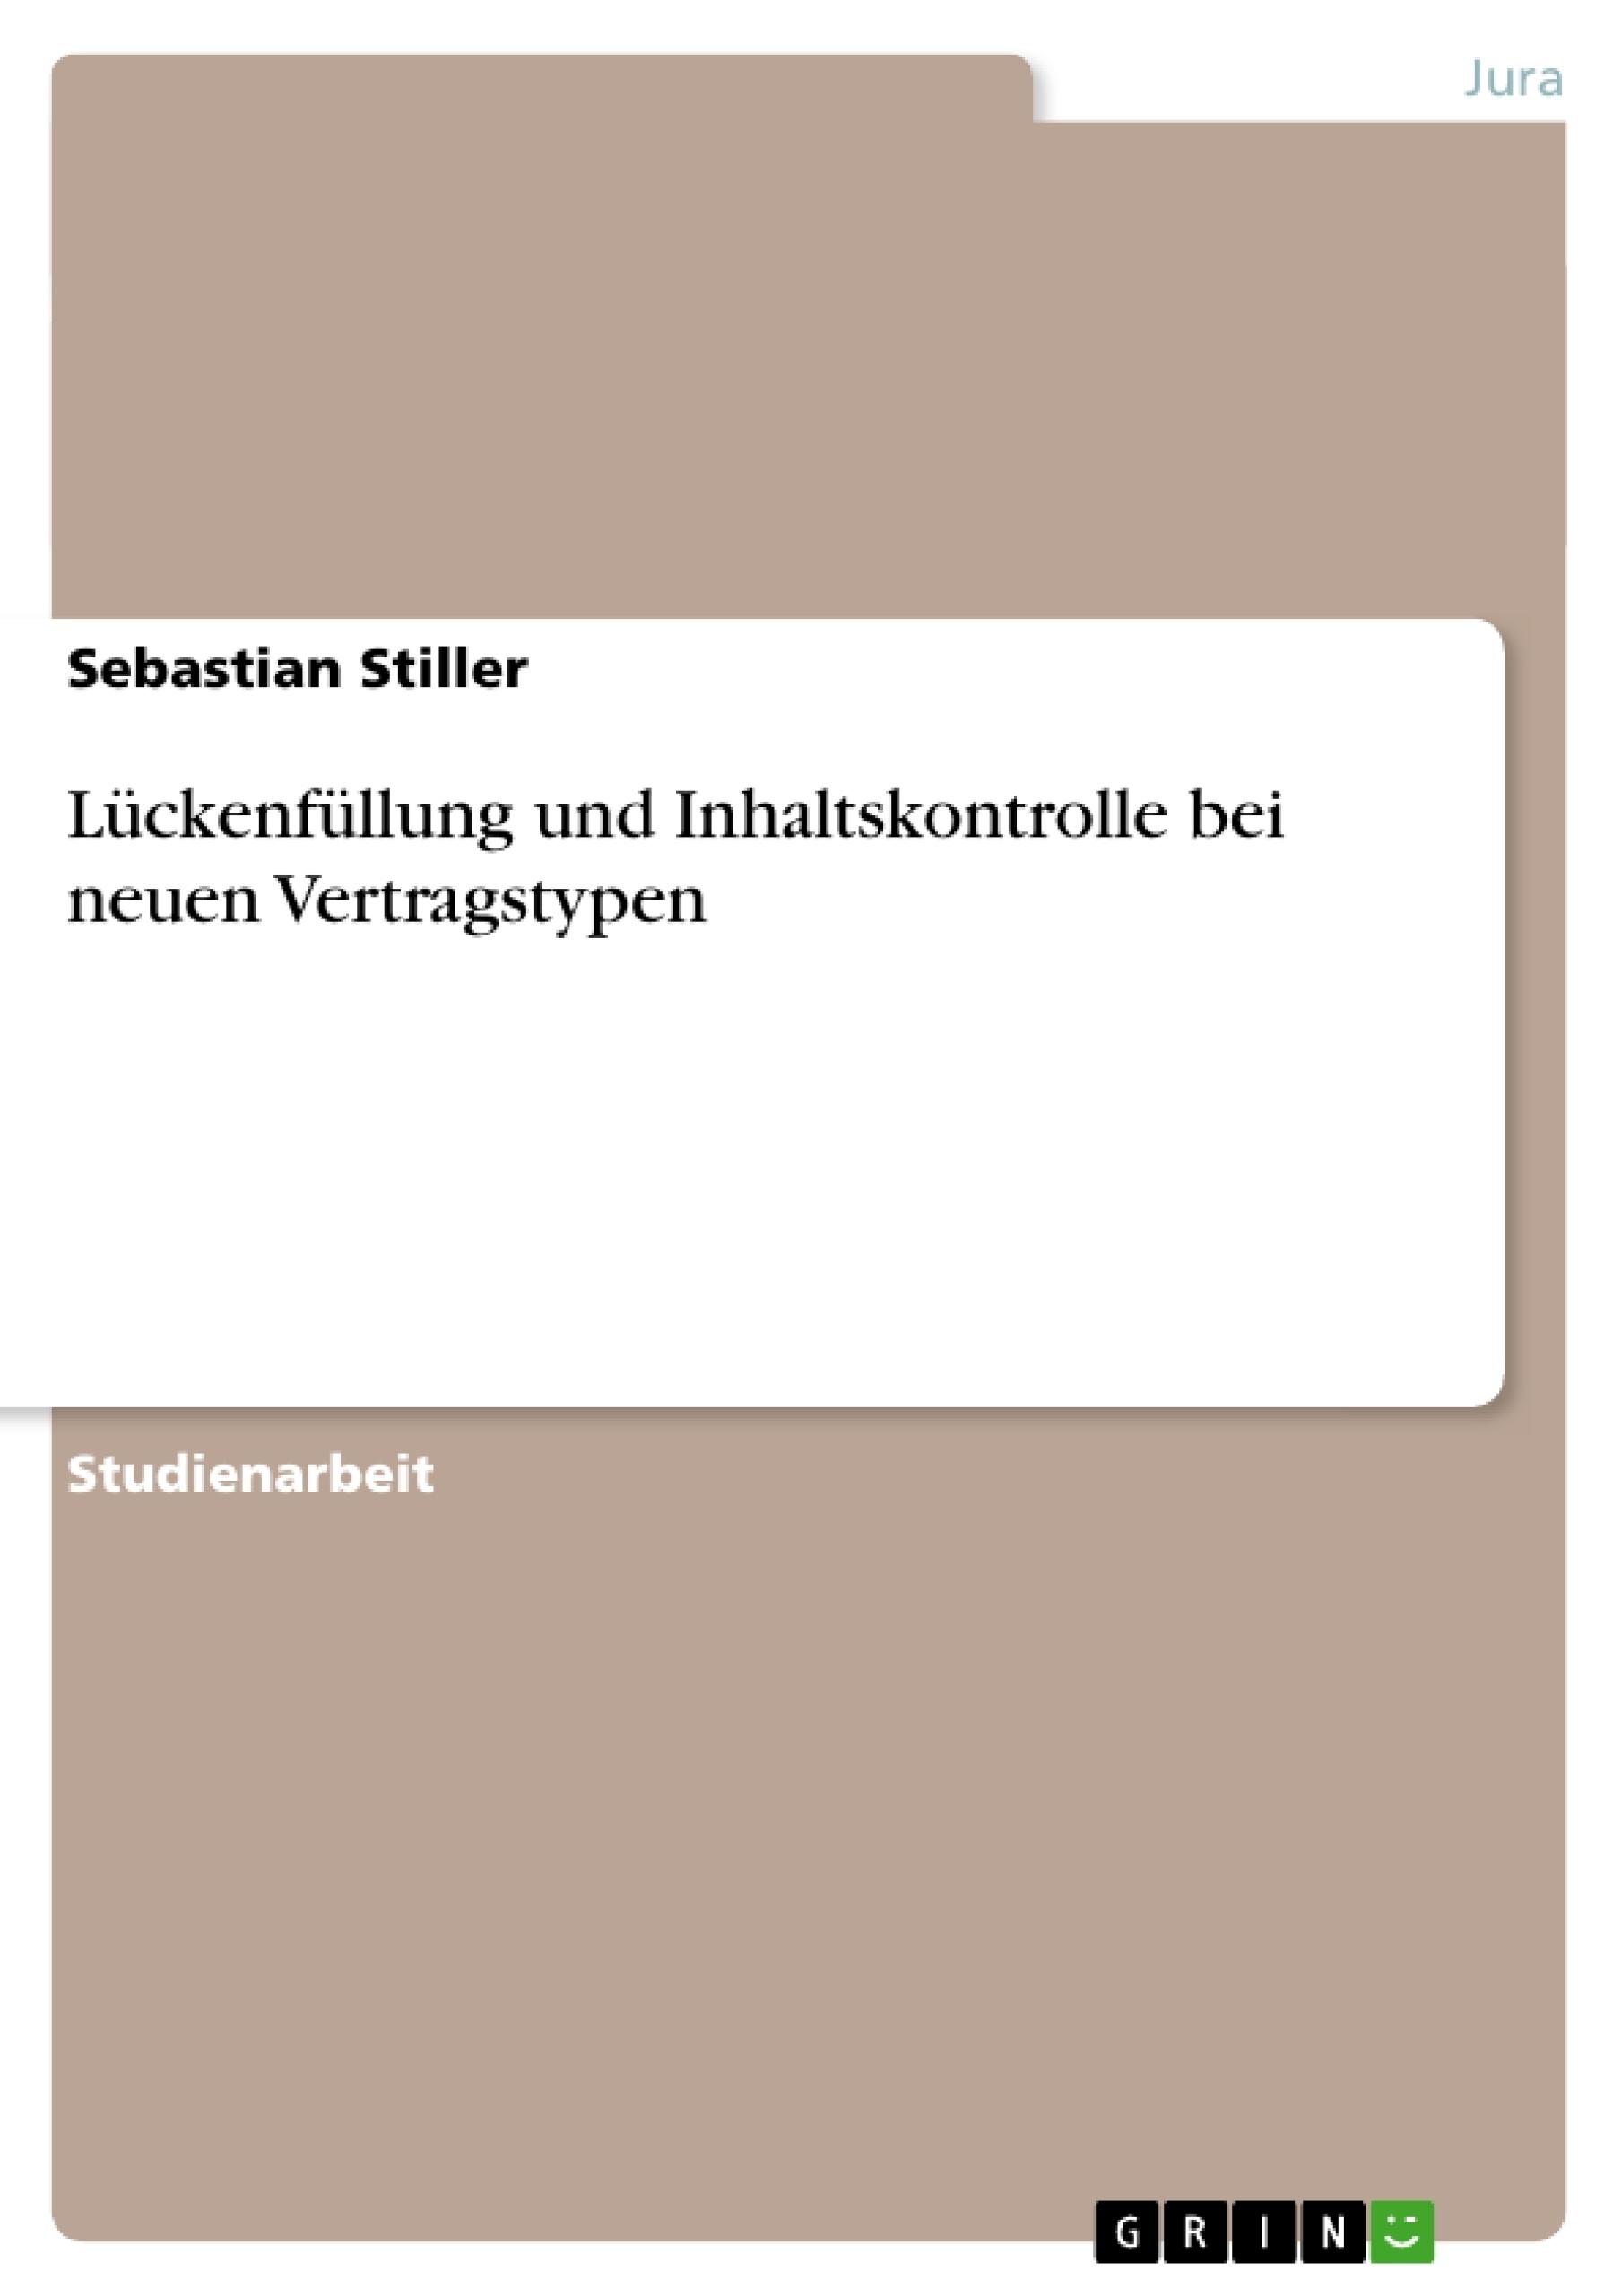 Titel: Lückenfüllung und Inhaltskontrolle bei neuen Vertragstypen